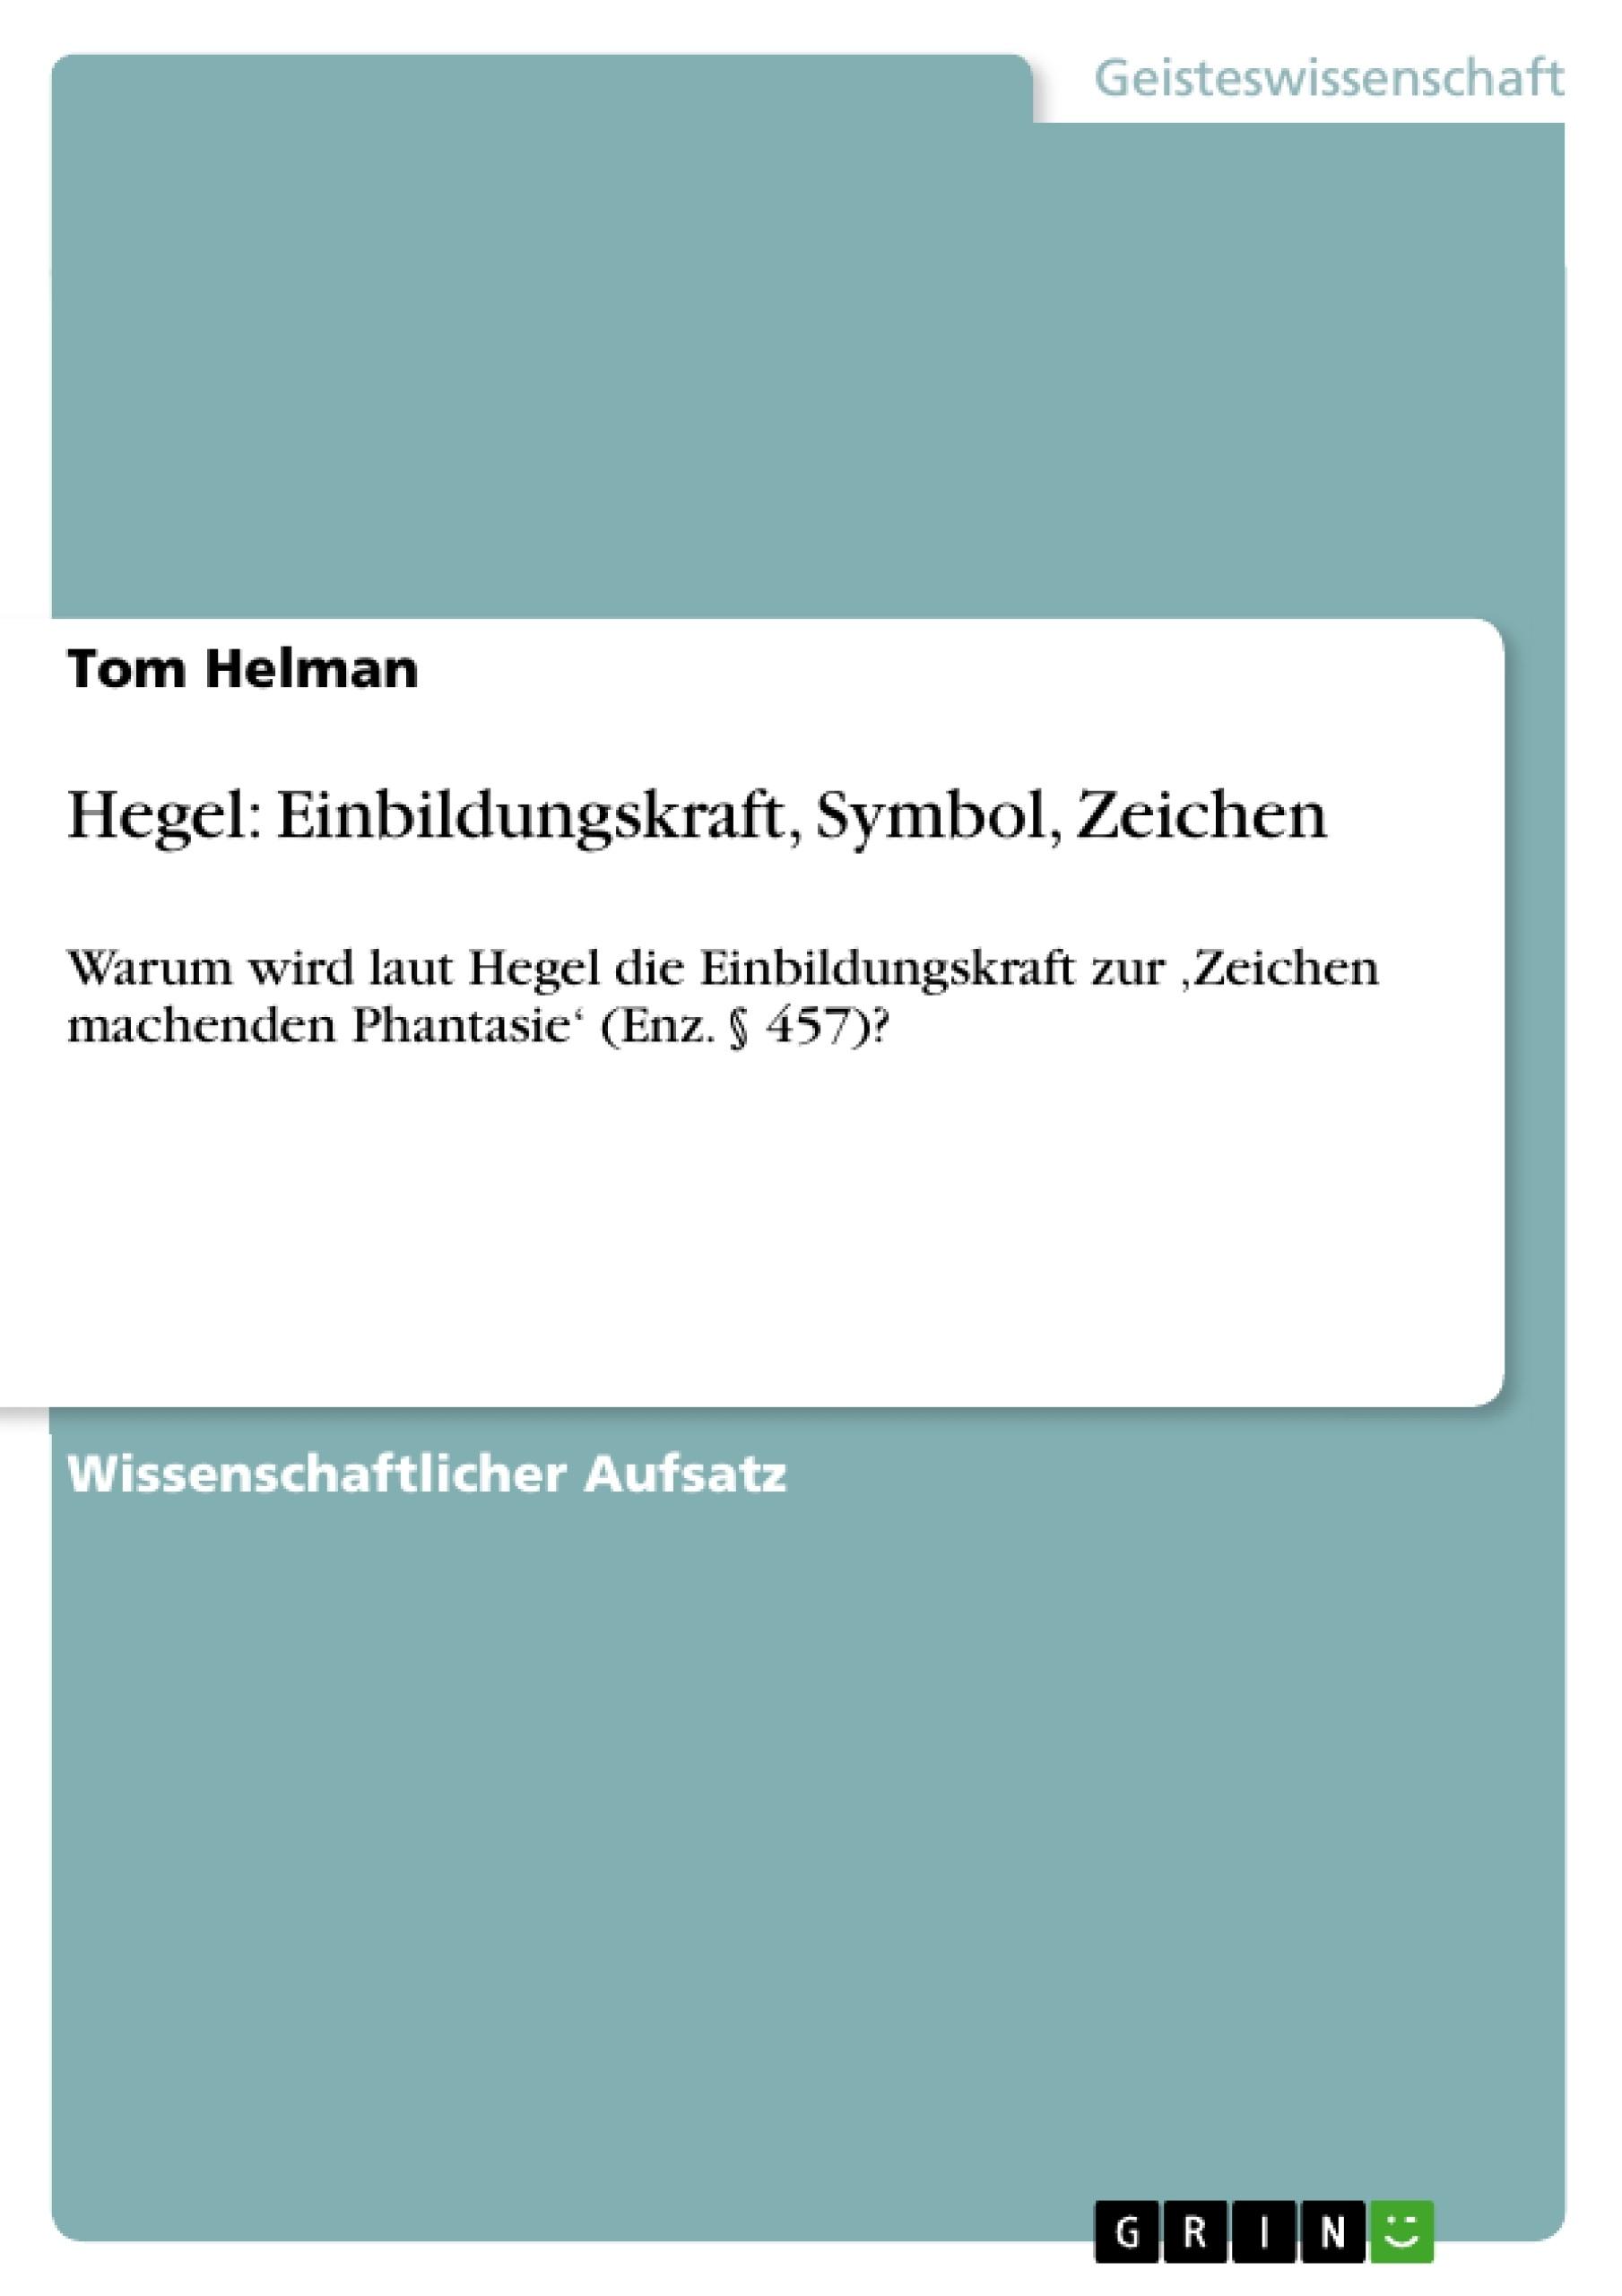 Titel: Hegel: Einbildungskraft, Symbol, Zeichen